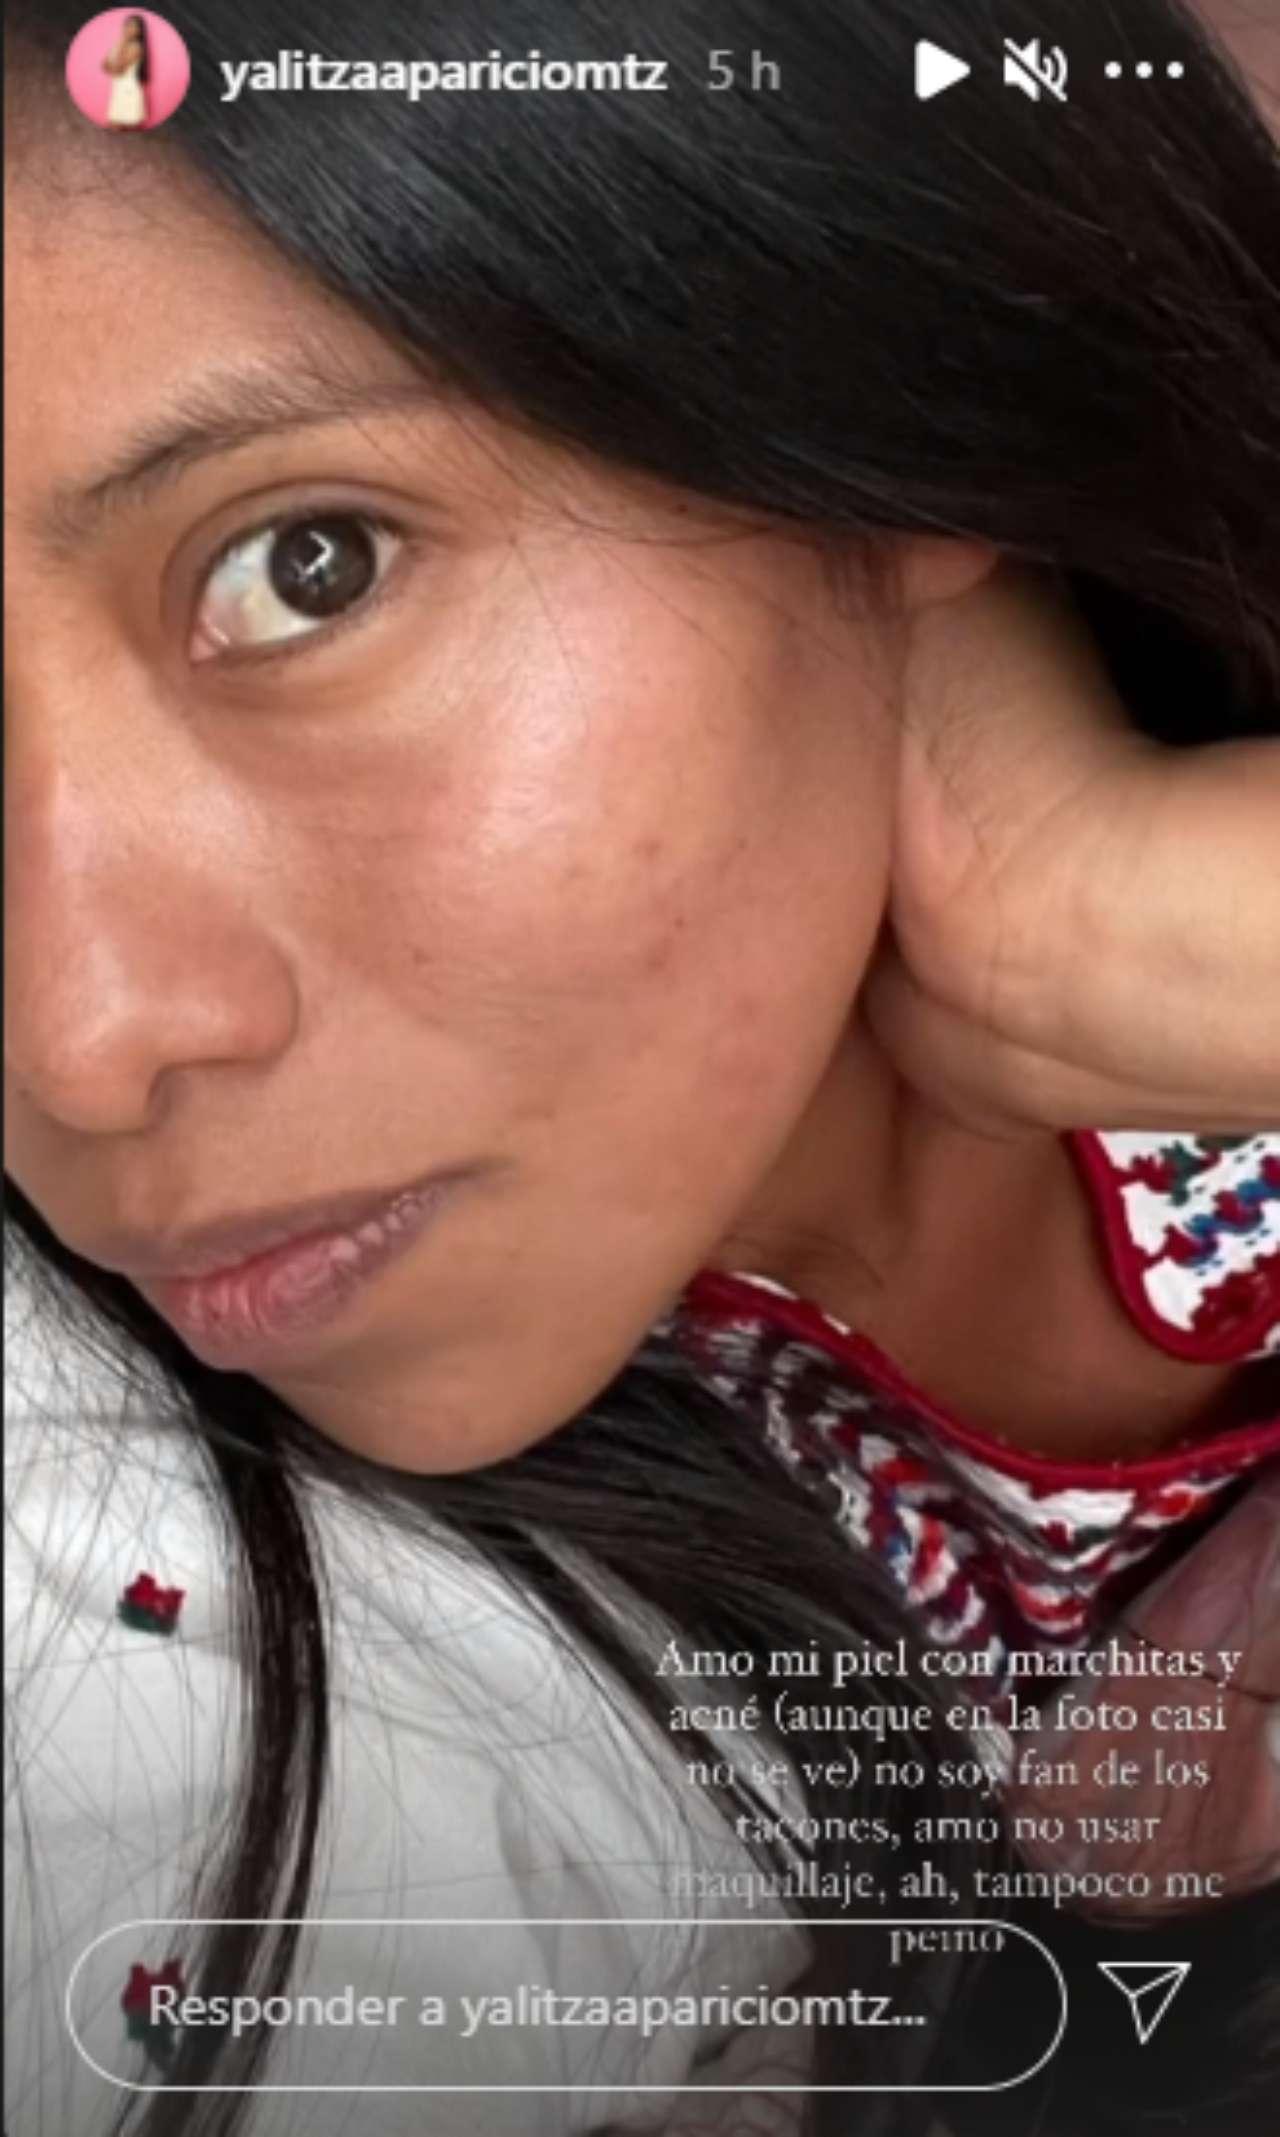 Con manchas y acné